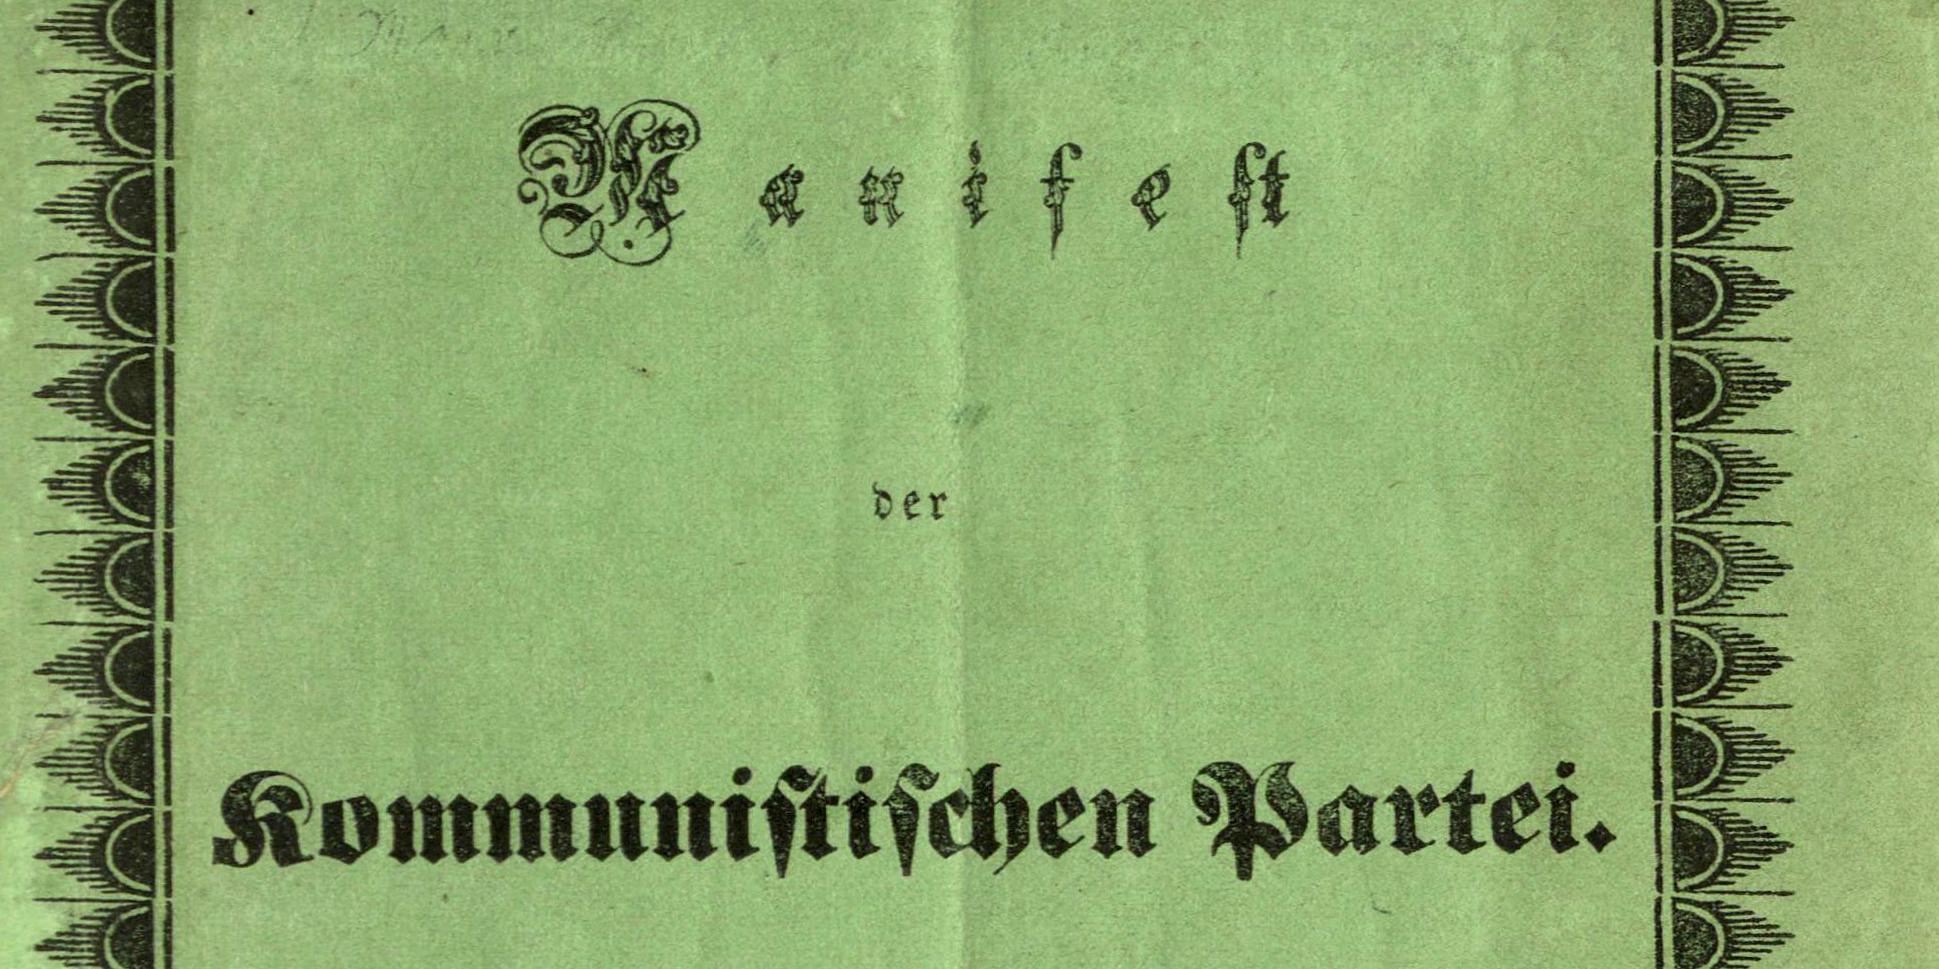 Umschlag Manifest der Kommunistischen Partei